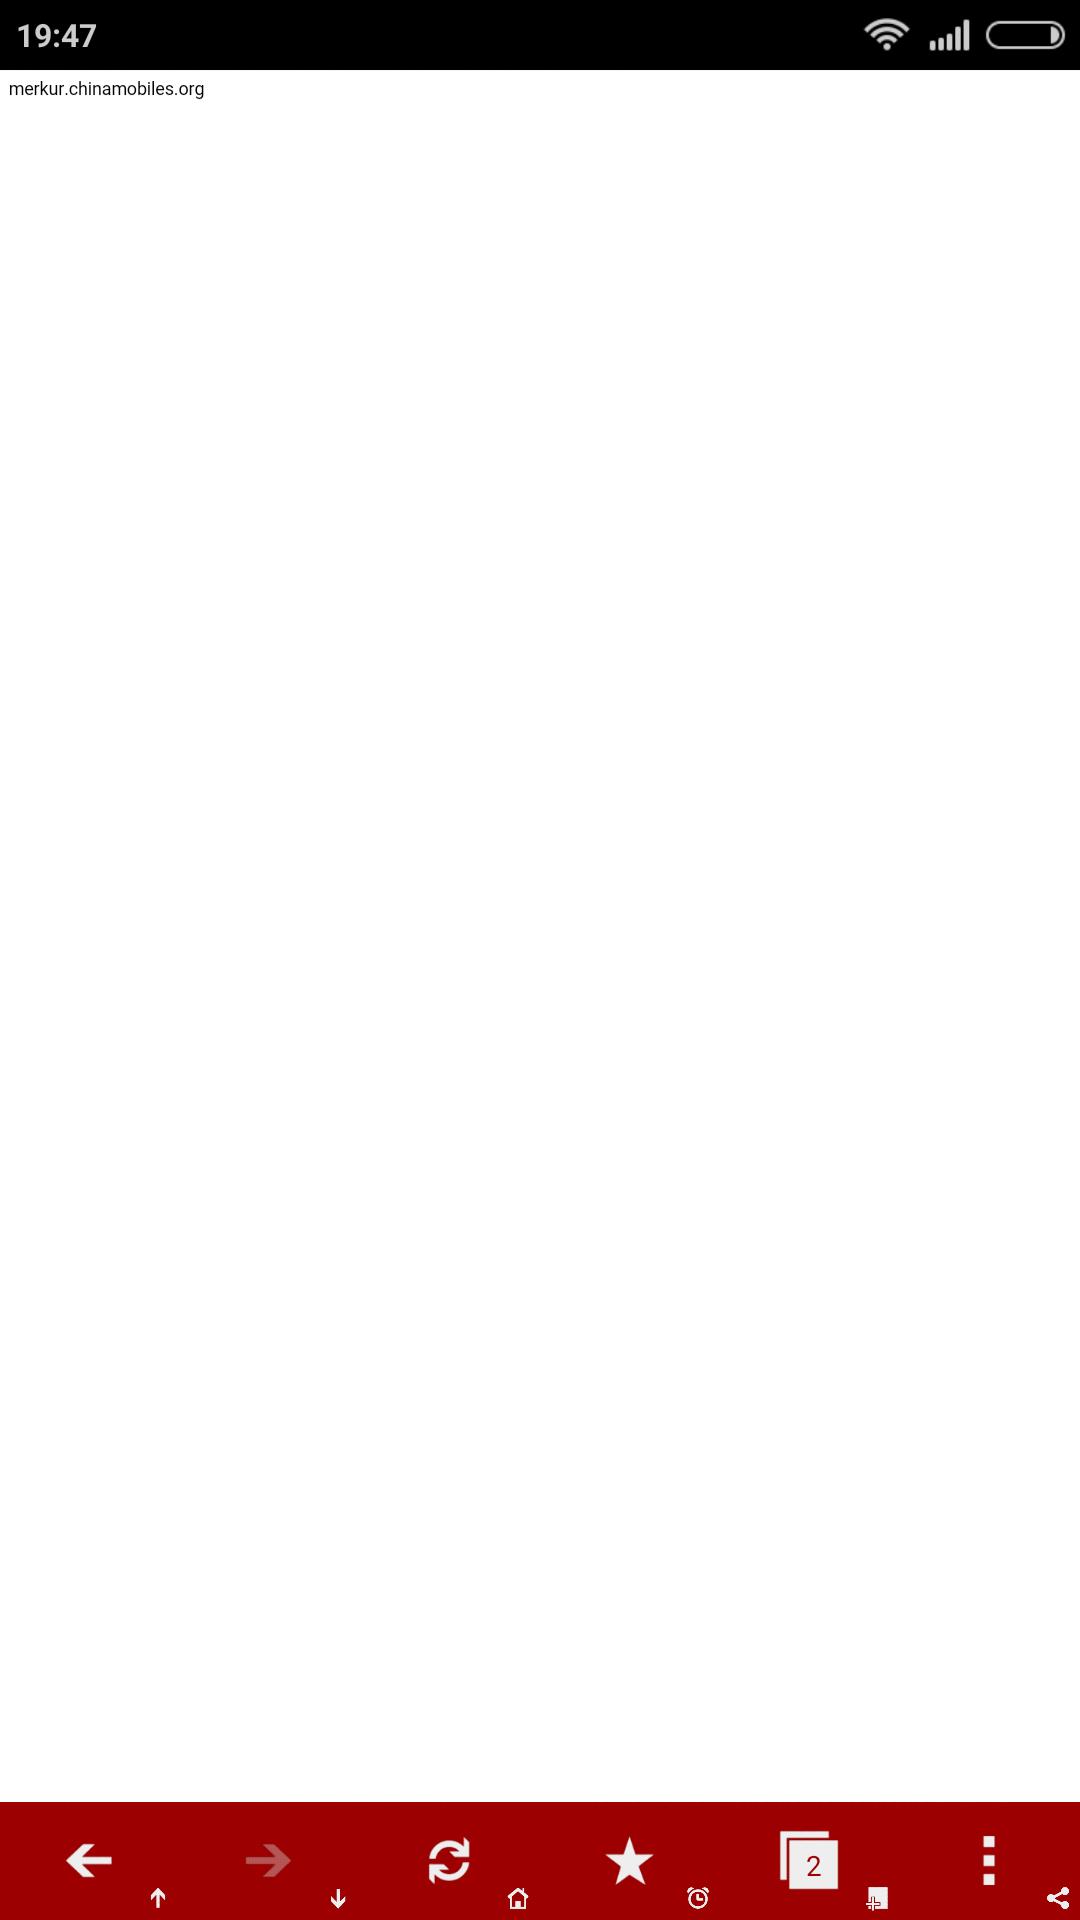 Screenshot_2015-11-10-19-47-35_jp.ddo.pigsty.HabitBrowser.png